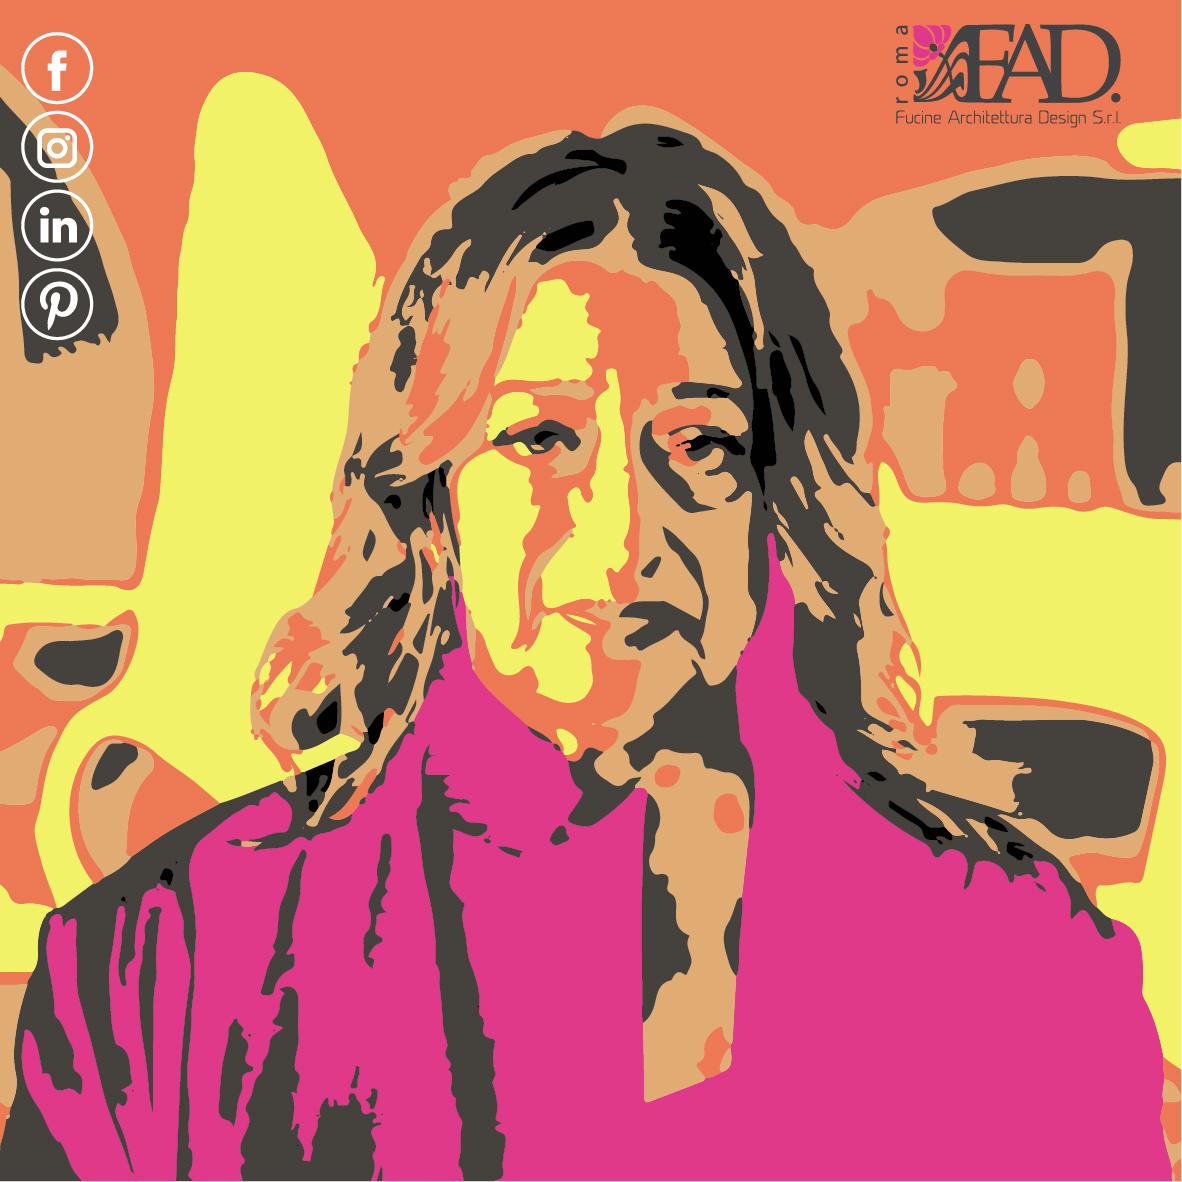 ZahaHadid_grafica_giornatainternazionalecontroviolenzadonne_FAD